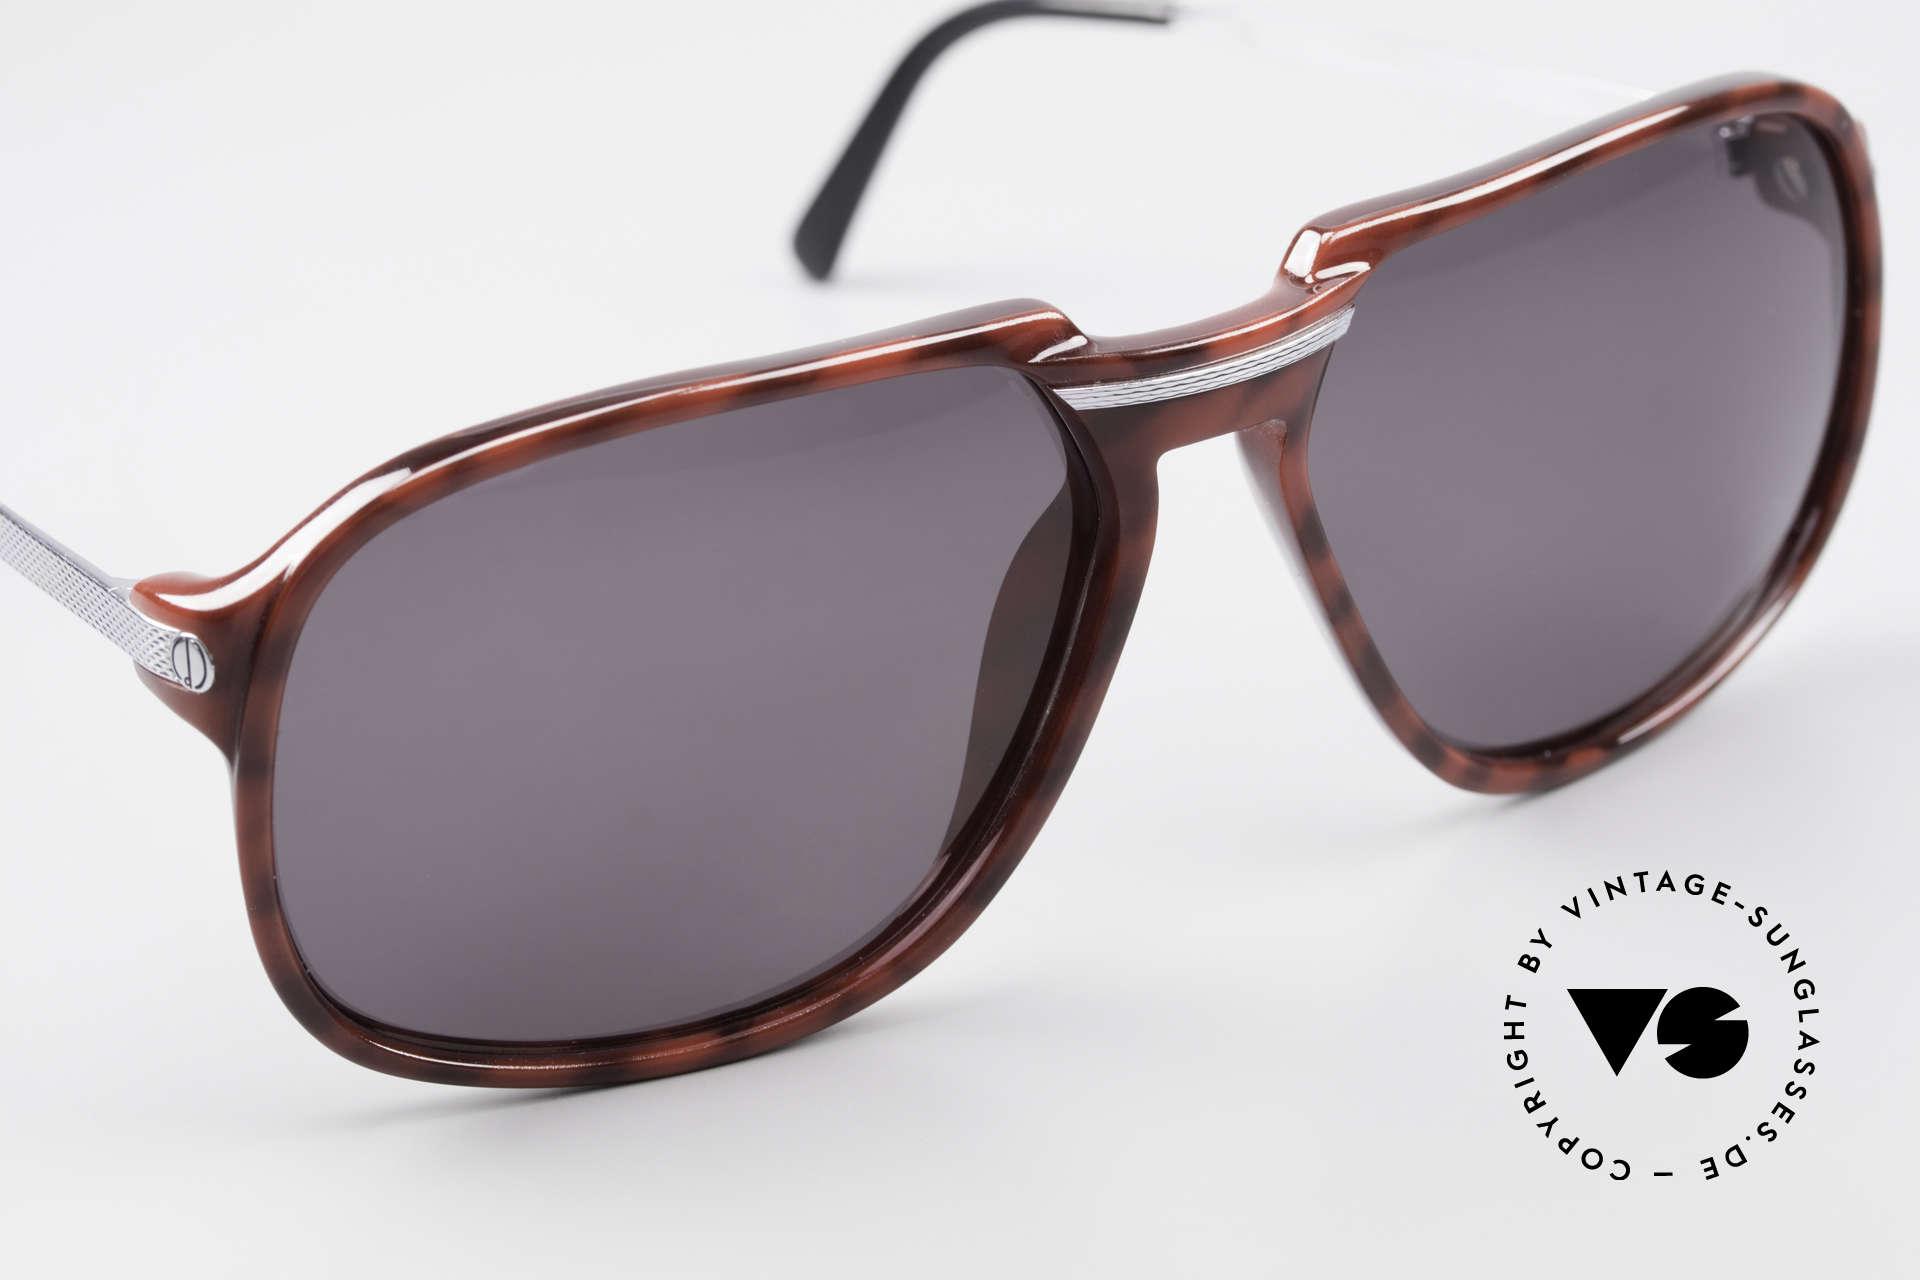 Dunhill 6005 Alte Herrensonnenbrille 1984, ungetragen (wie alle unsere Brillen von A. Dunhill), Passend für Herren